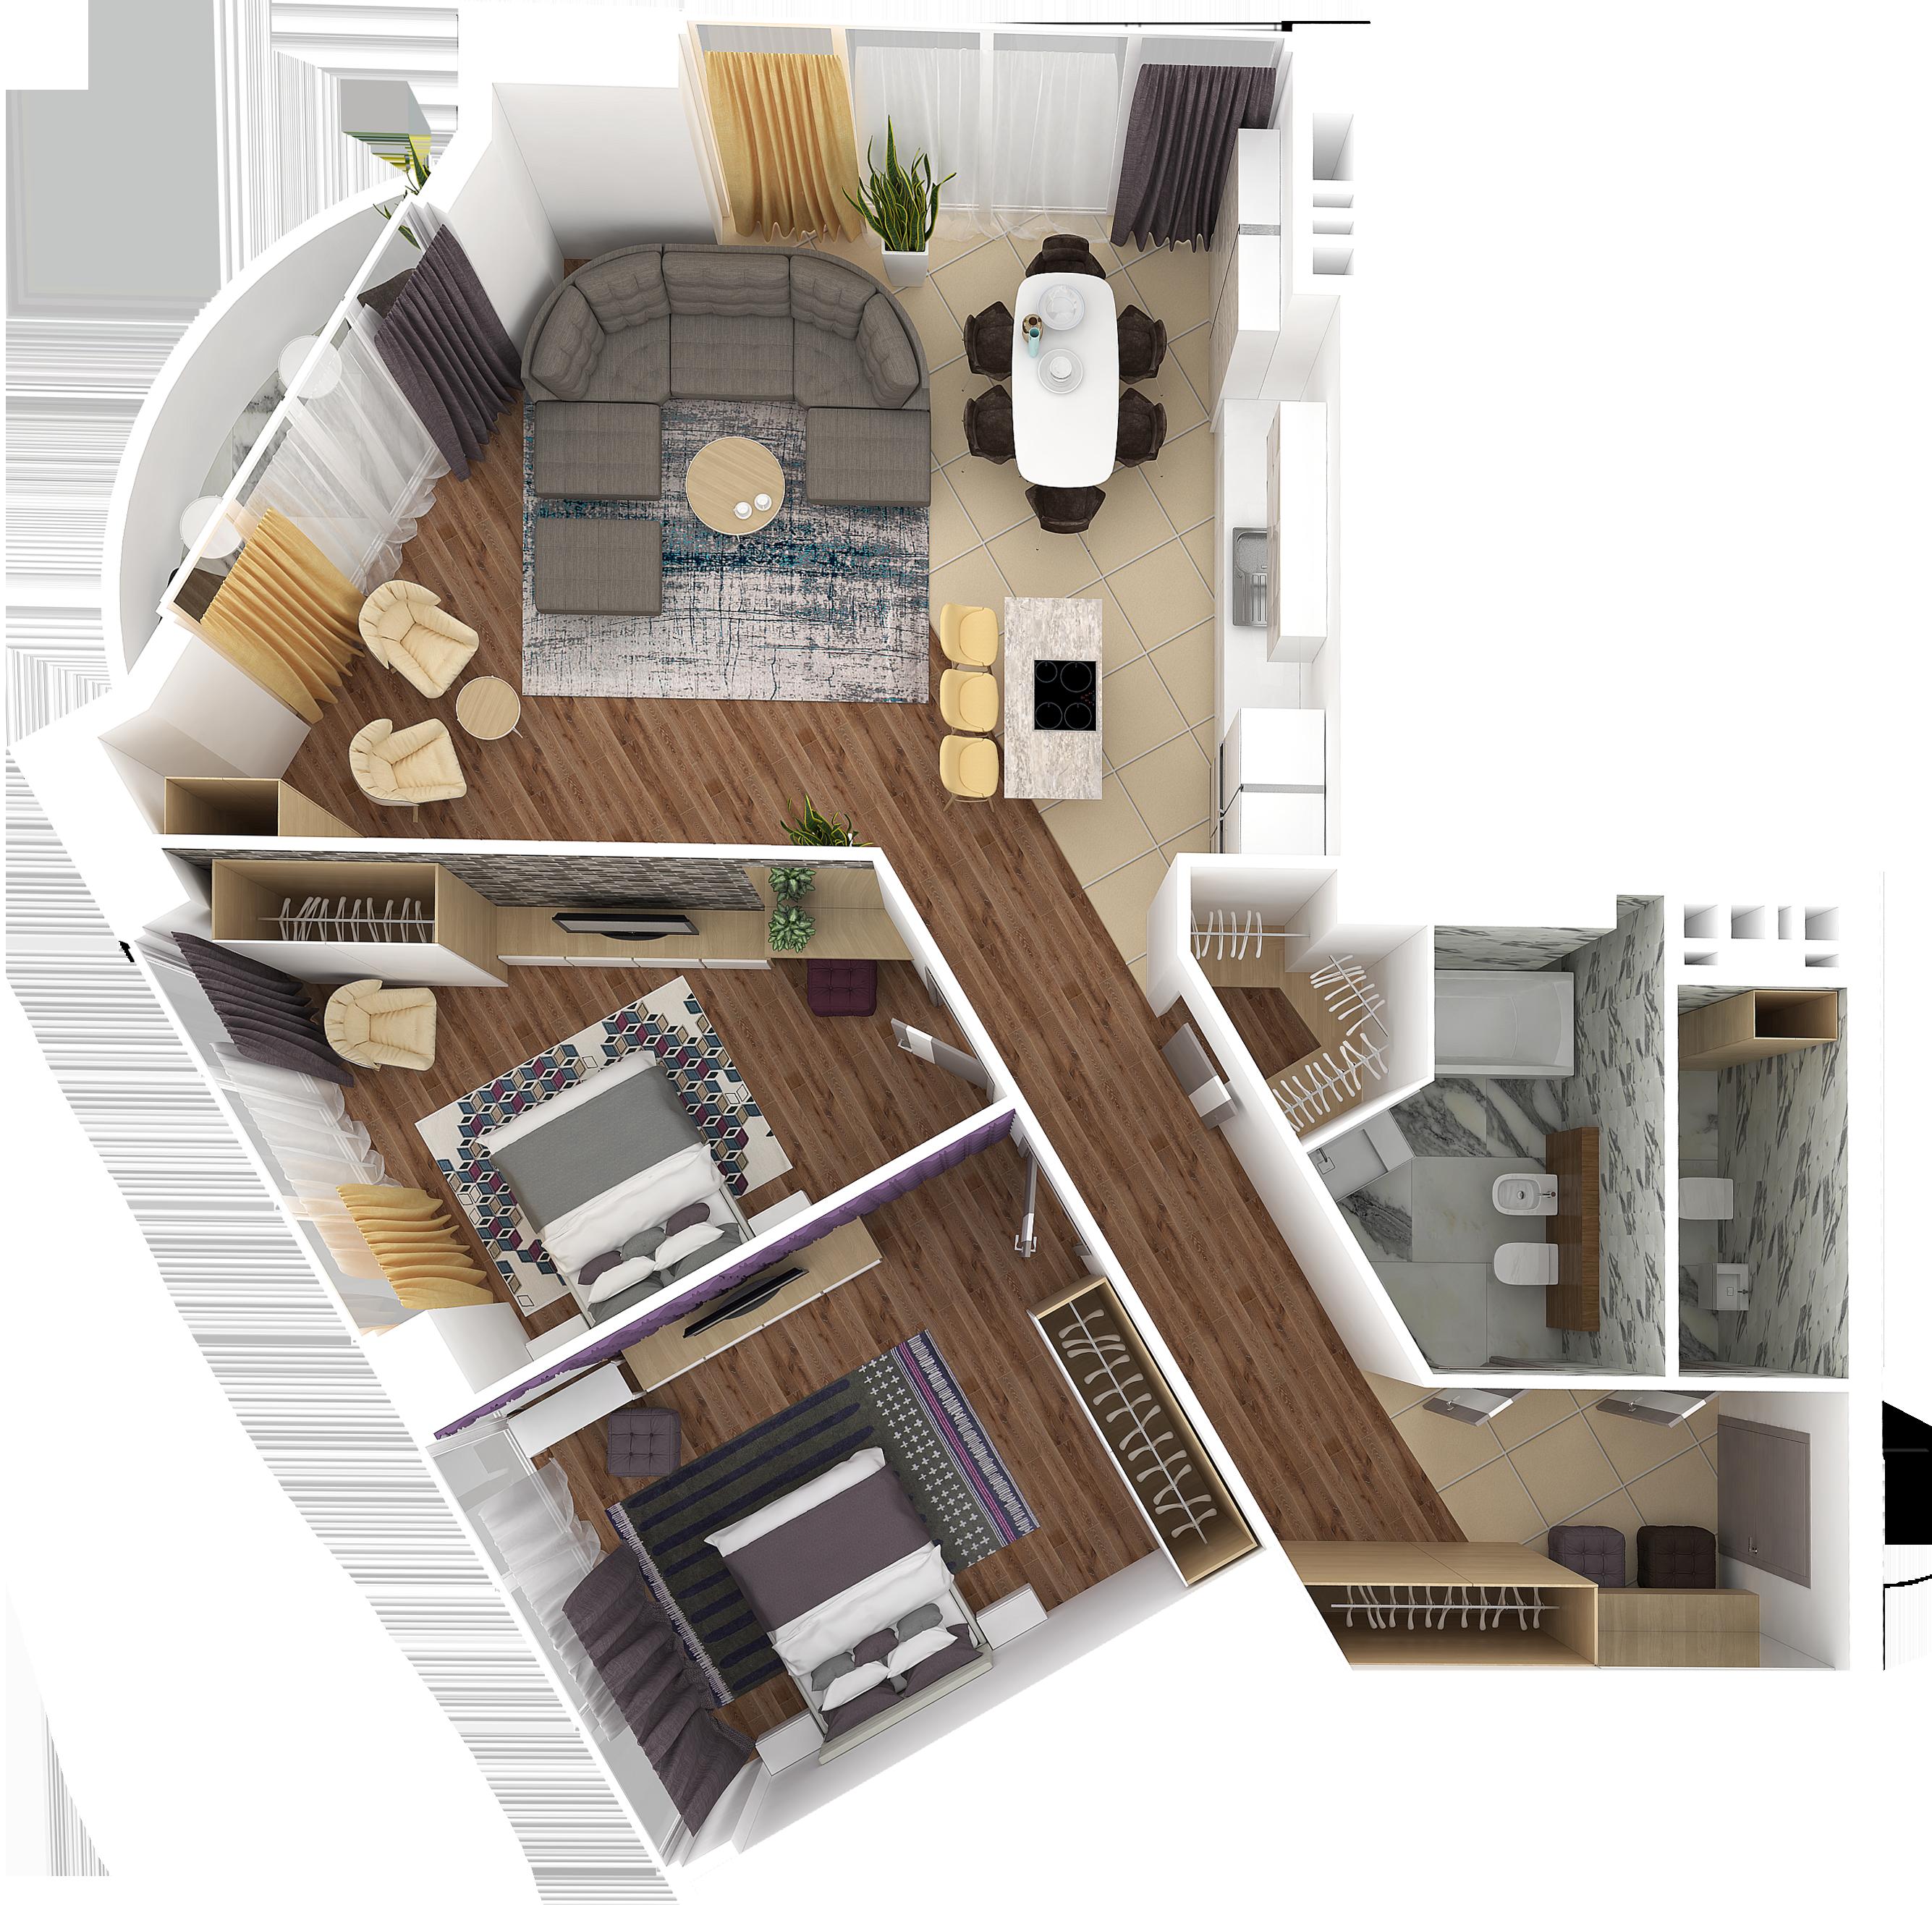 Pin de Megan en Floor plans | Pinterest | Planos, Casas y Departamentos